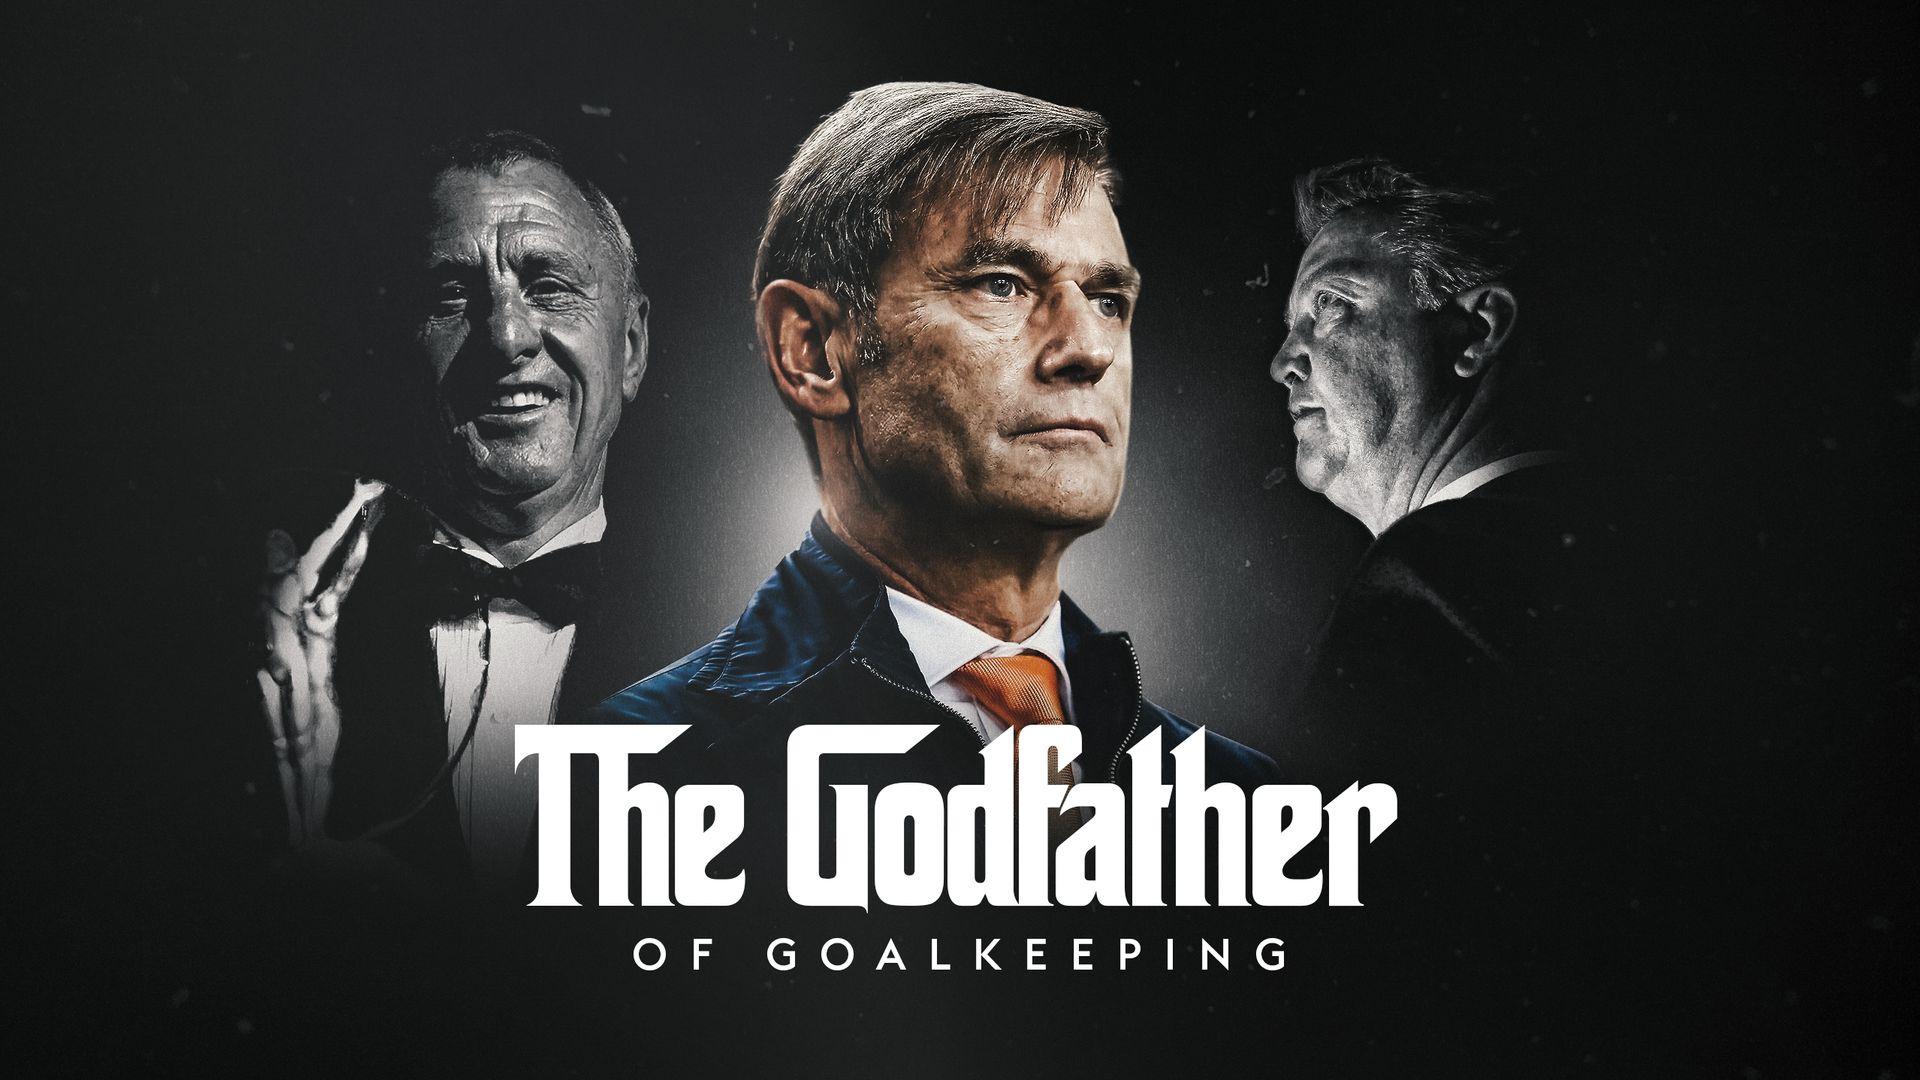 Frans Hoek: Godfather of goalkeeping